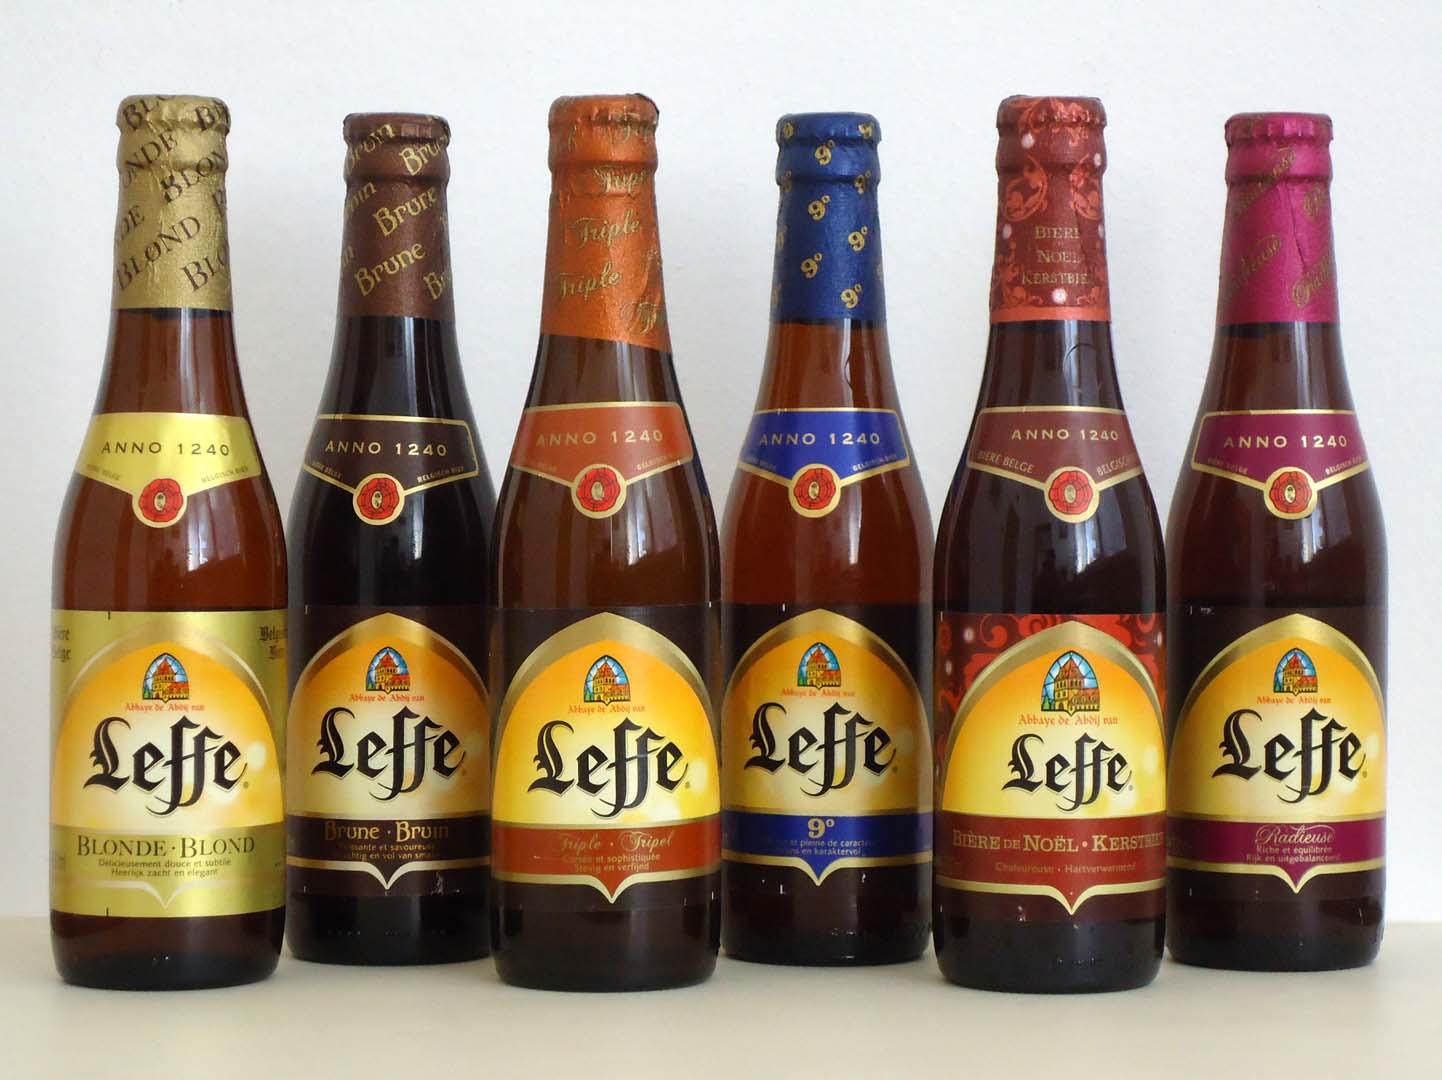 Bira fiyatları 2021 güncel kaç TL? Tuborg, Efes, Bomonti, Carlsberg ne kadar? Zamlı güncel fiyatlar nedir?